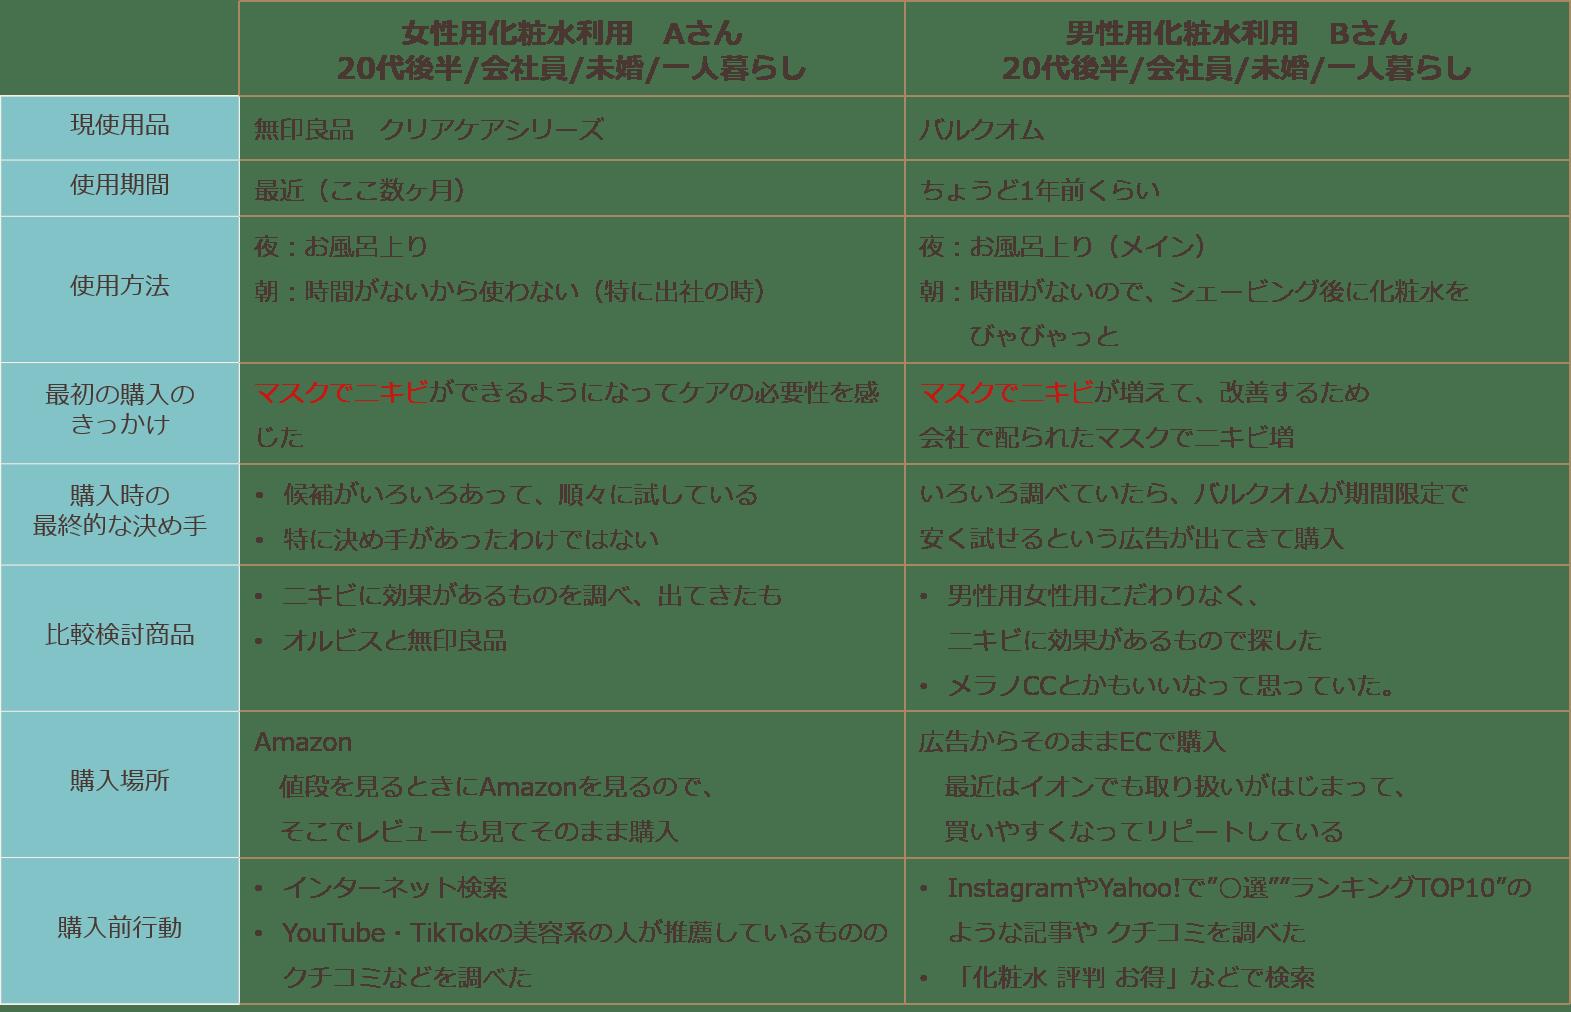 ihr-column13_02.png